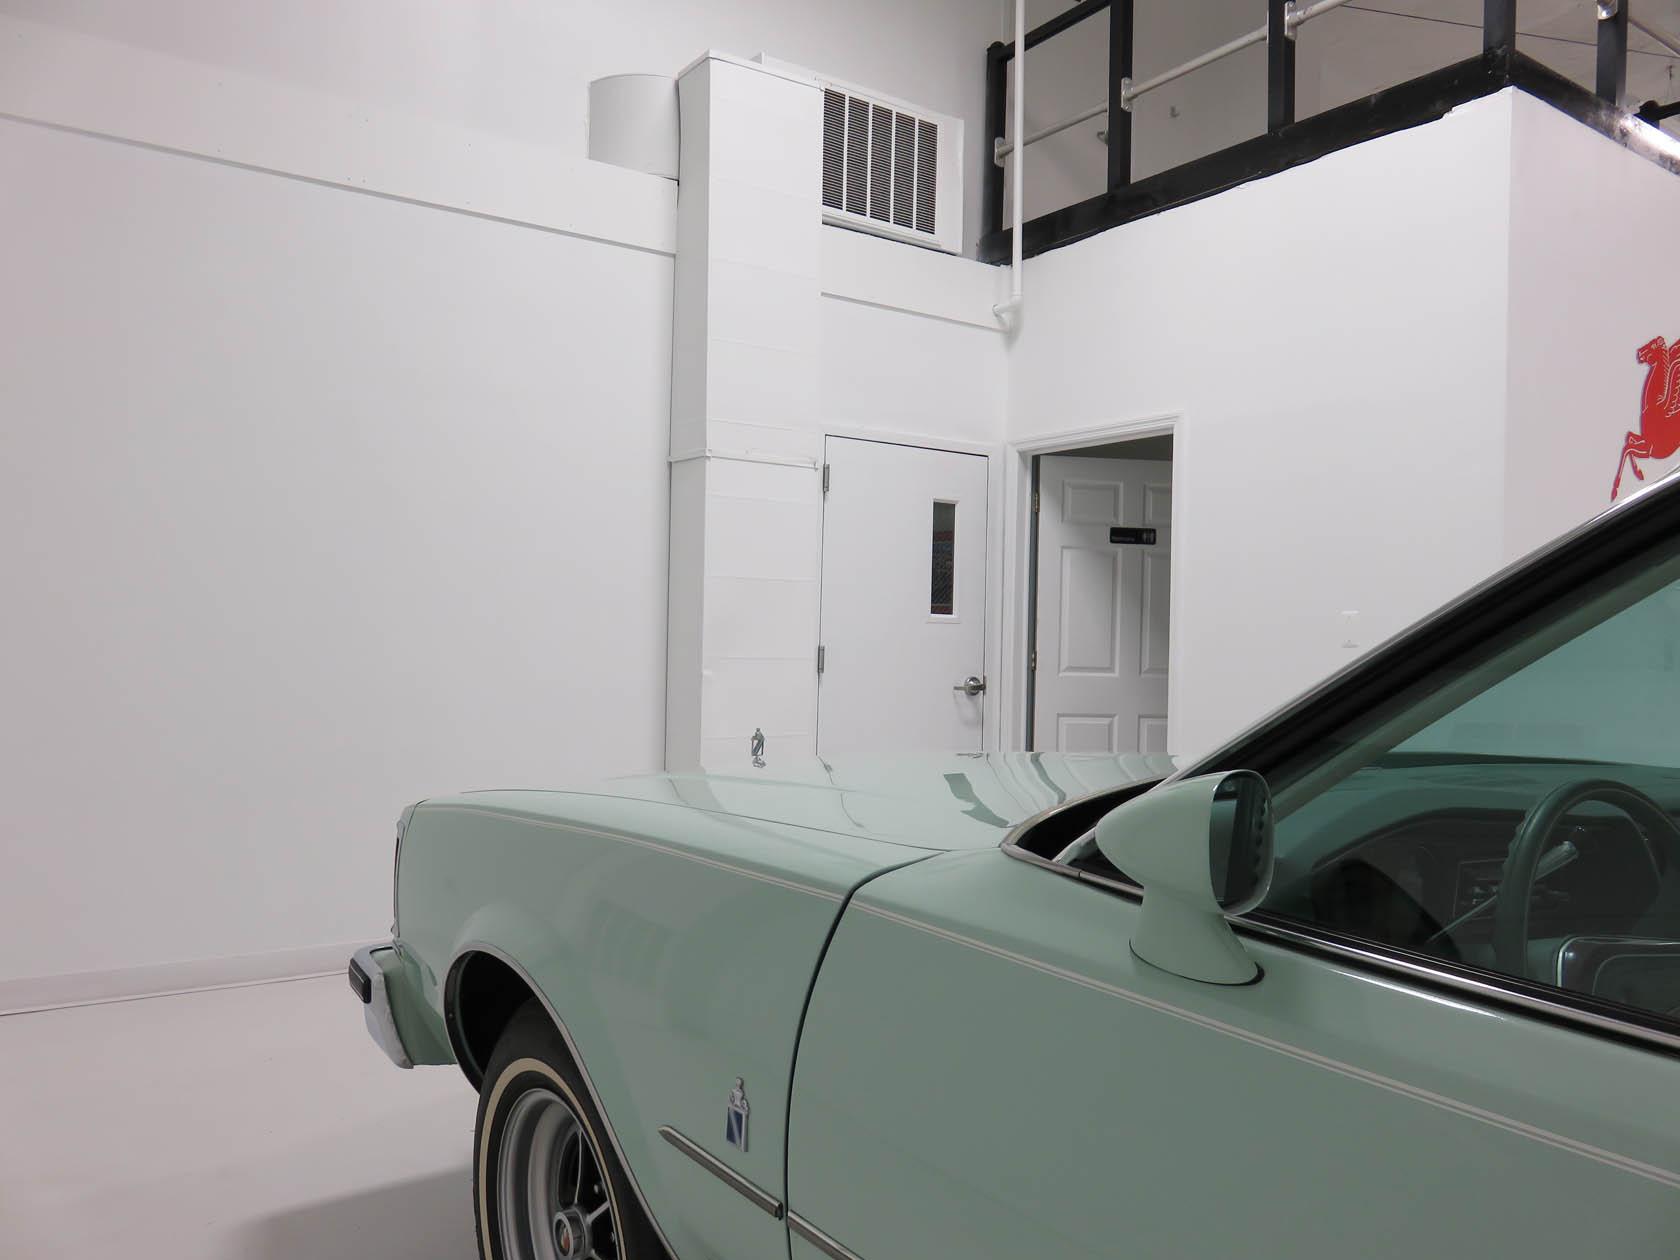 Michael Esposito - 1974 Oldsmobile Cutlasss Supreme 341